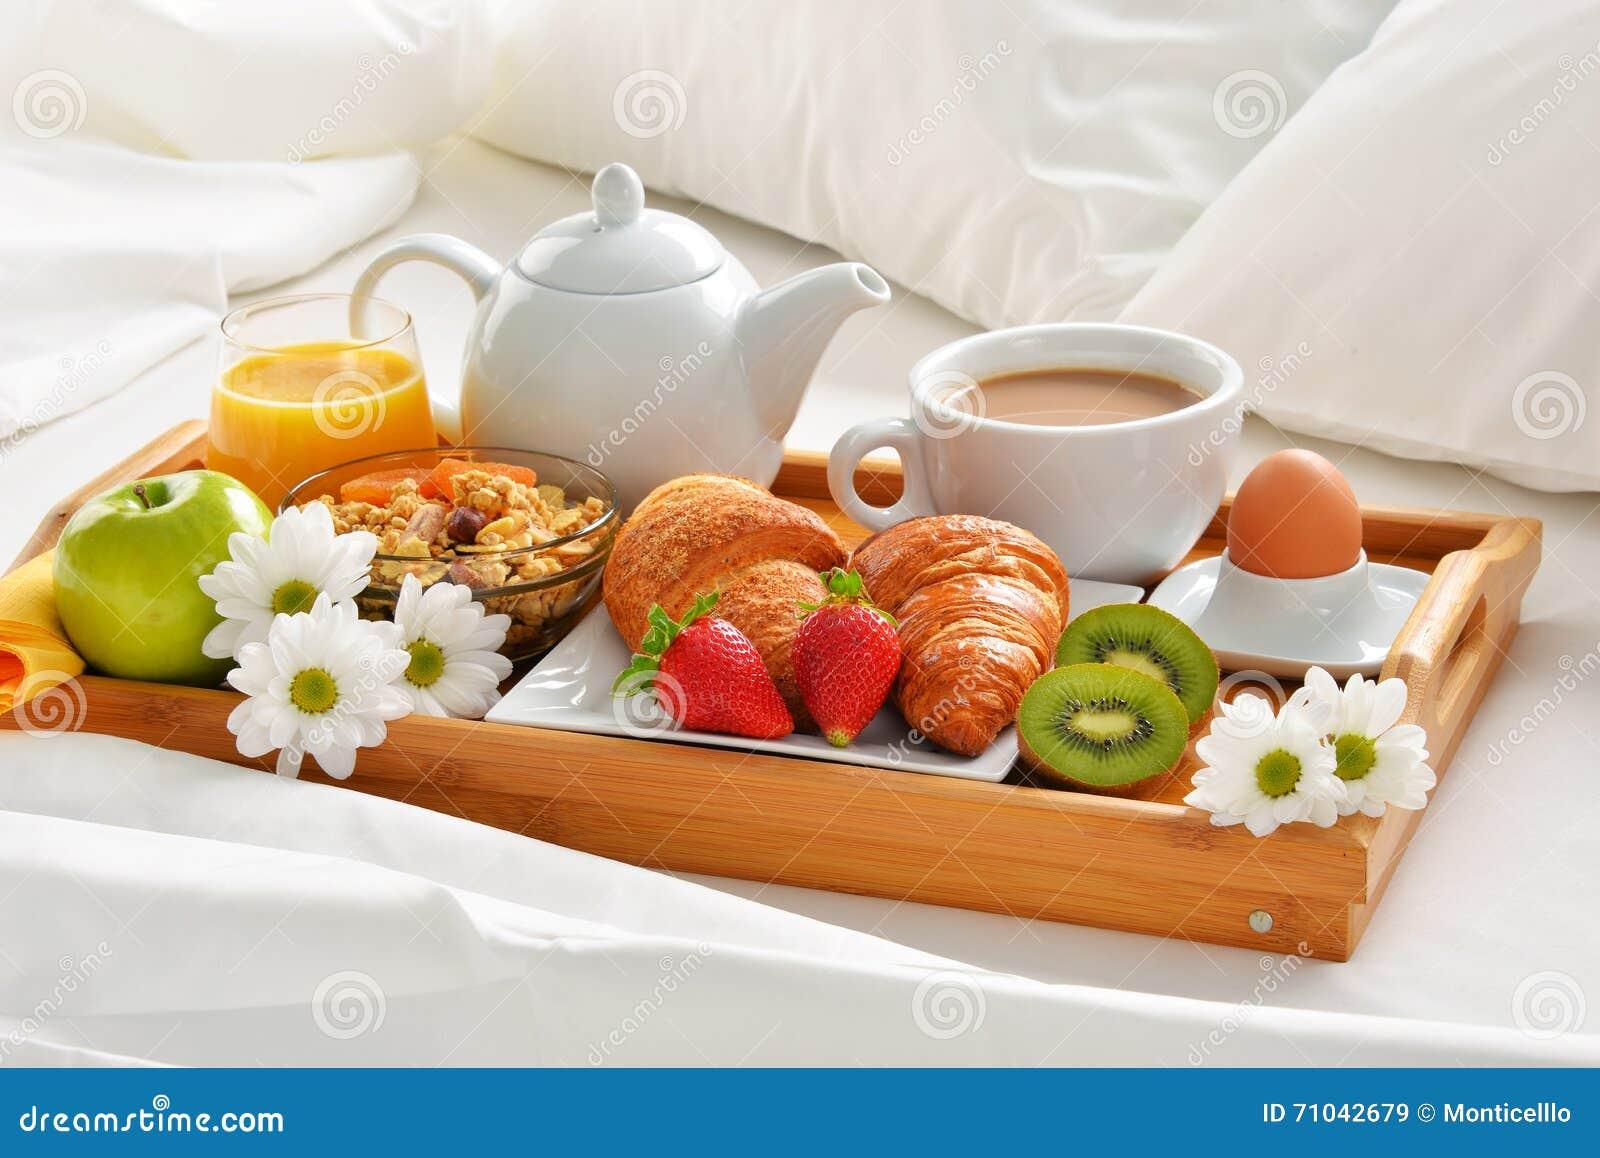 Vassoio per la colazione a letto design - Vassoio colazione letto ...